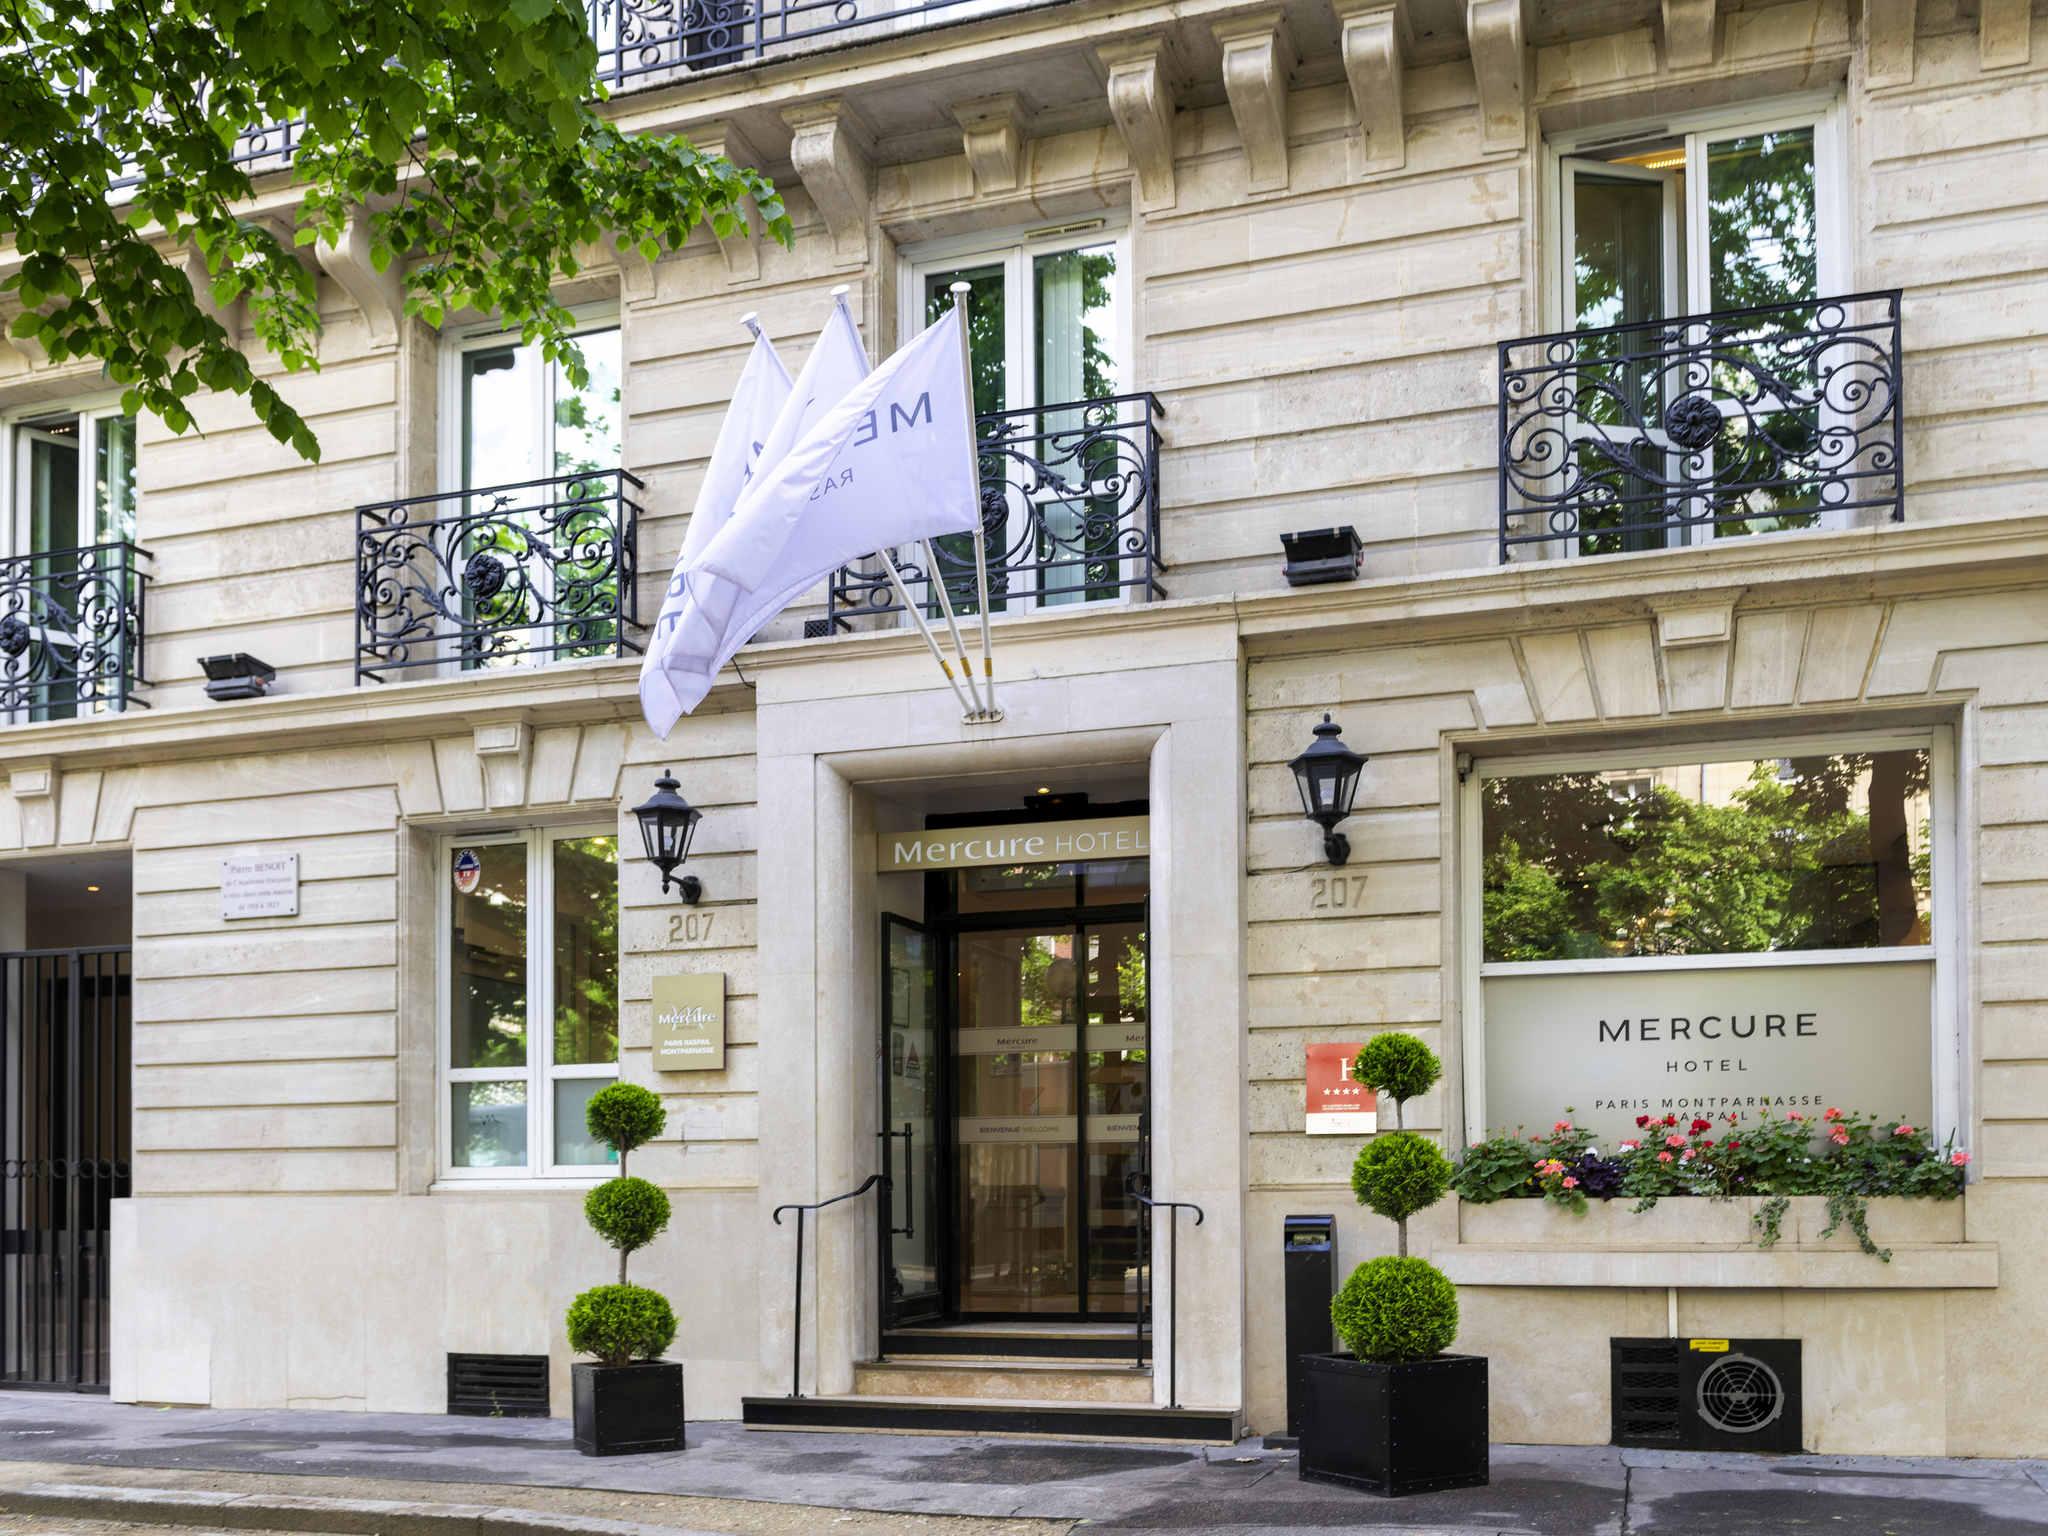 酒店 – 拉斯拜尔蒙帕纳斯美居酒店